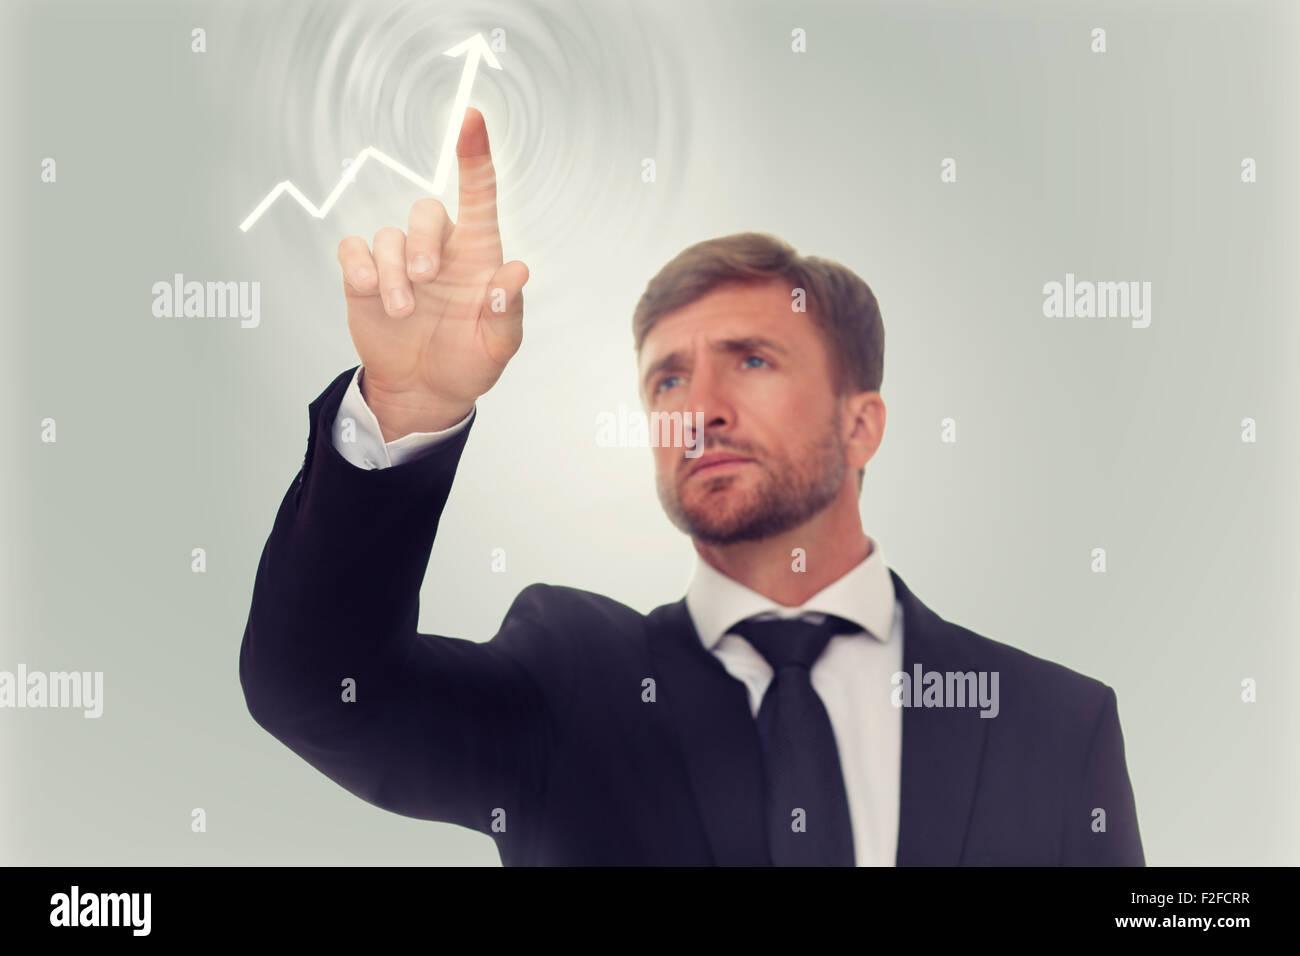 Dessin homme d'une flèche sur l'écran Banque D'Images